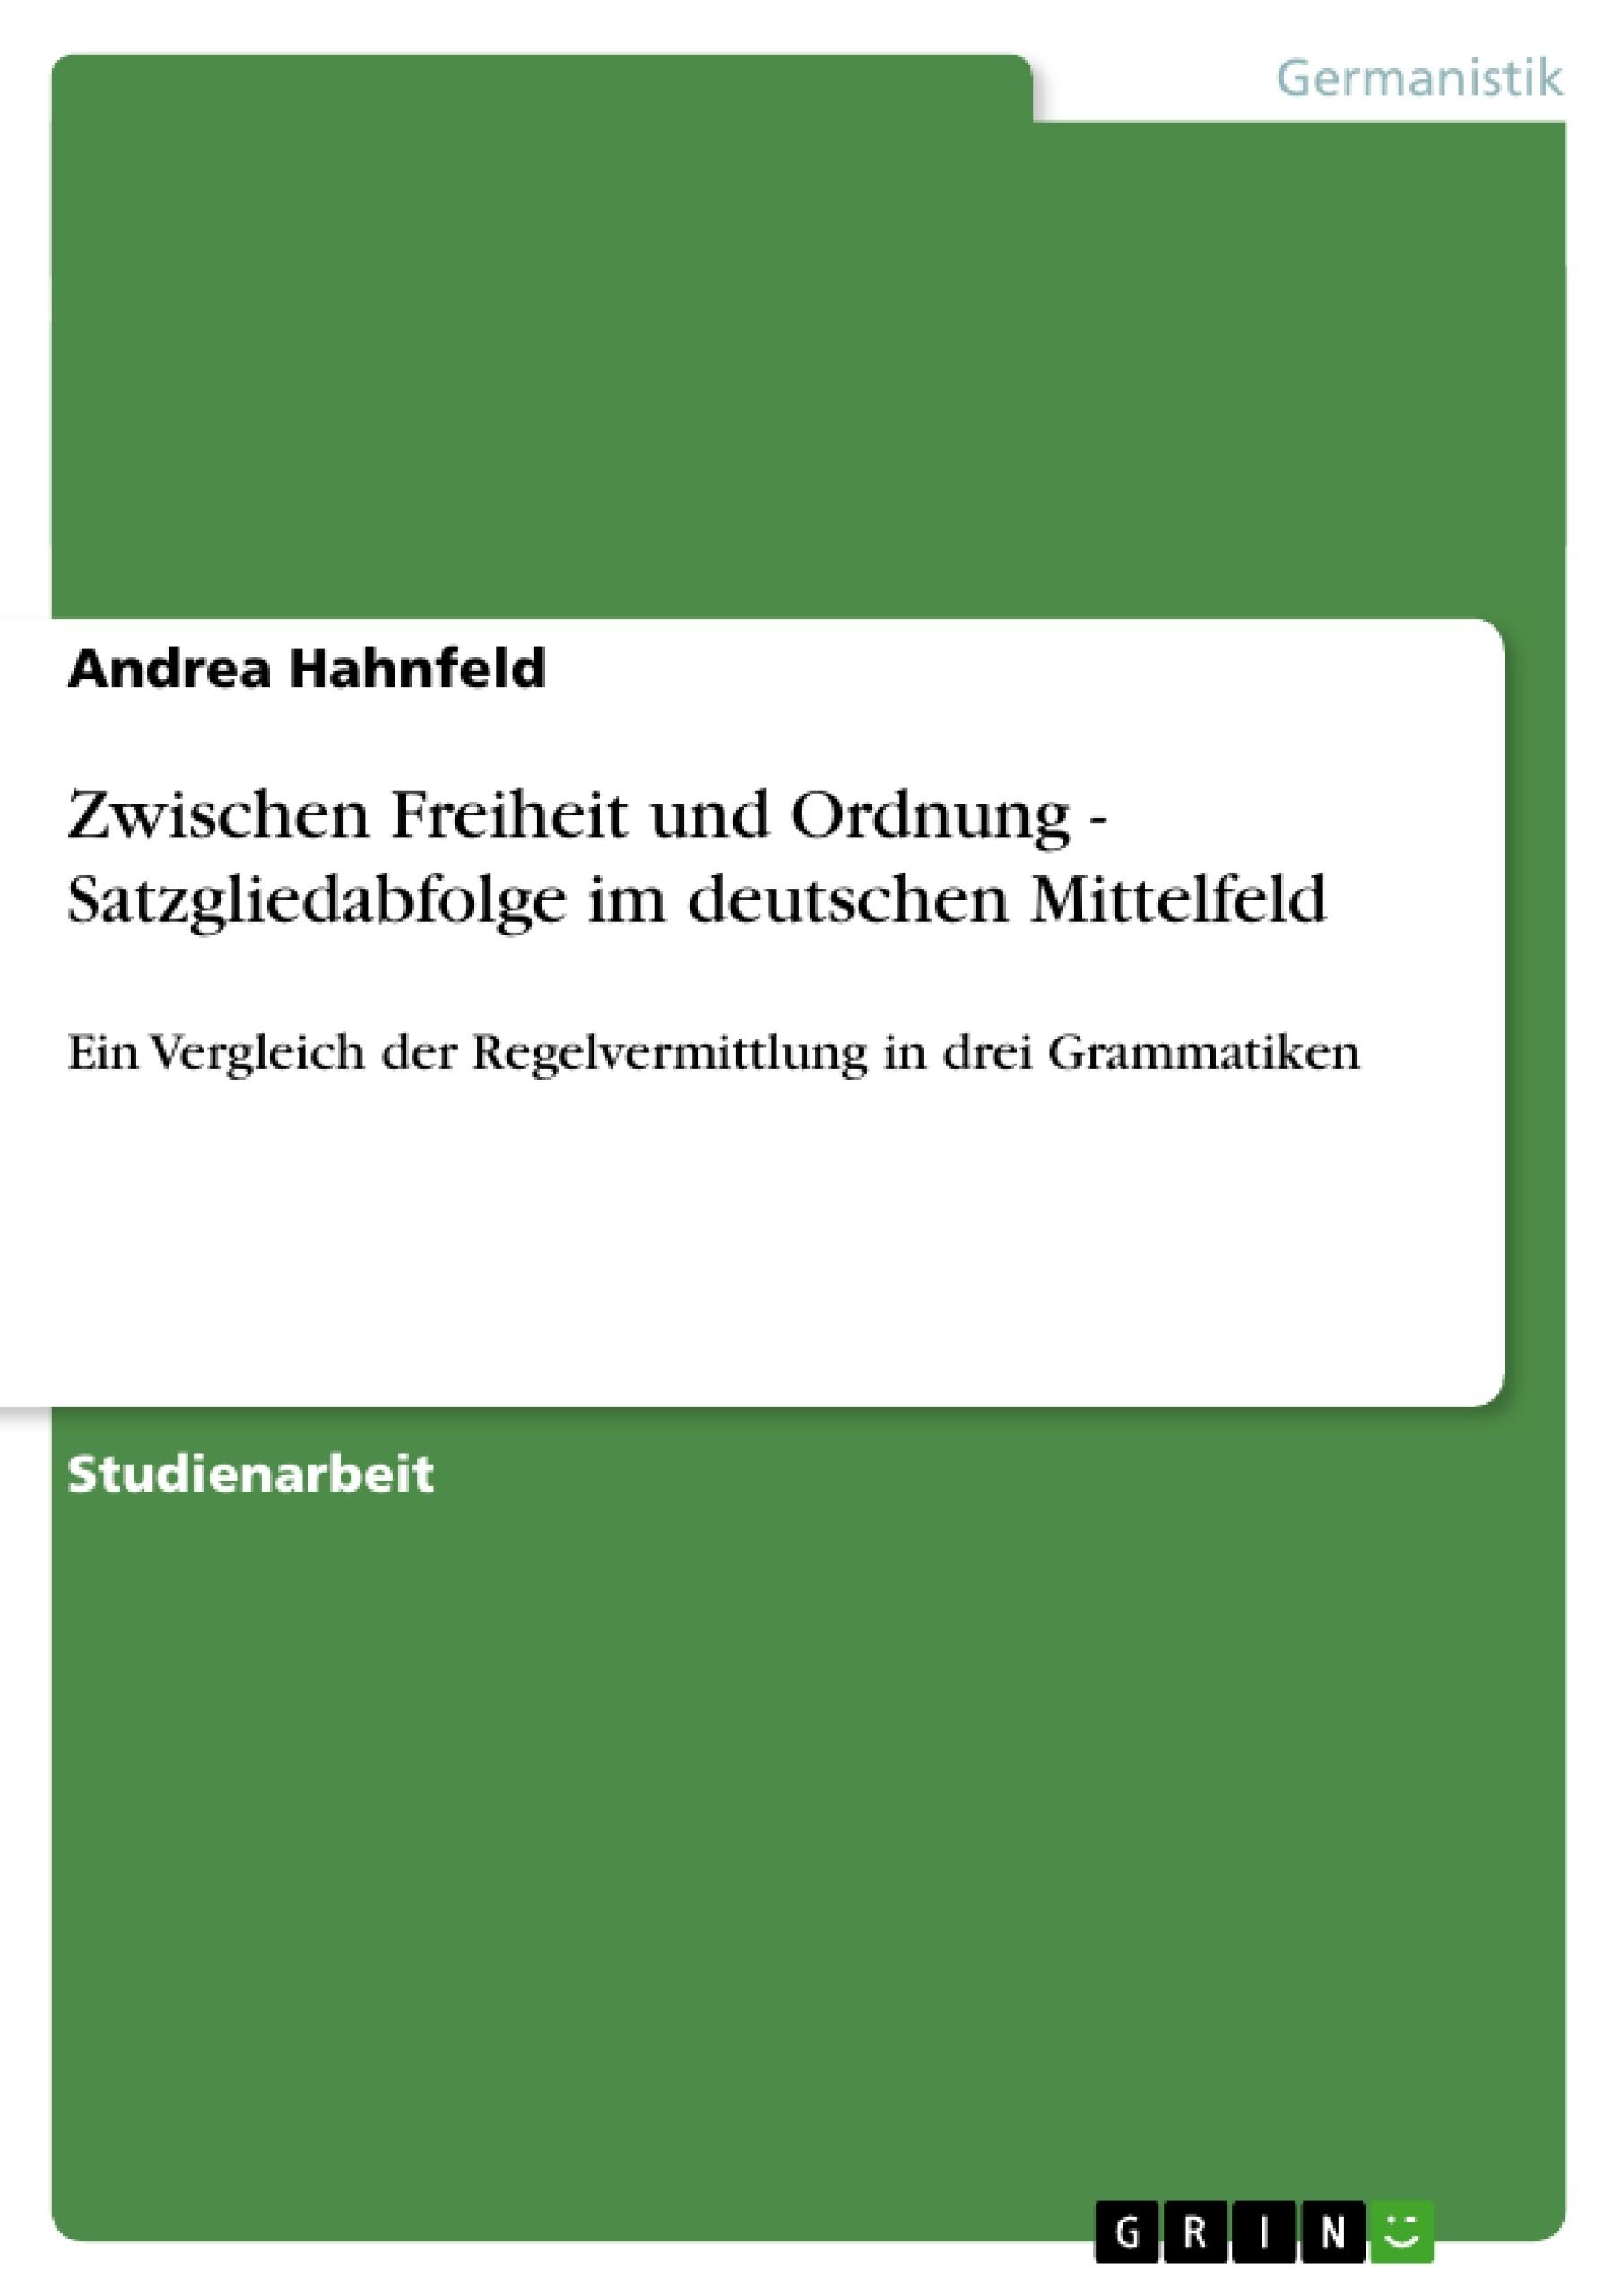 Titel: Zwischen Freiheit und Ordnung - Satzgliedabfolge im deutschen Mittelfeld